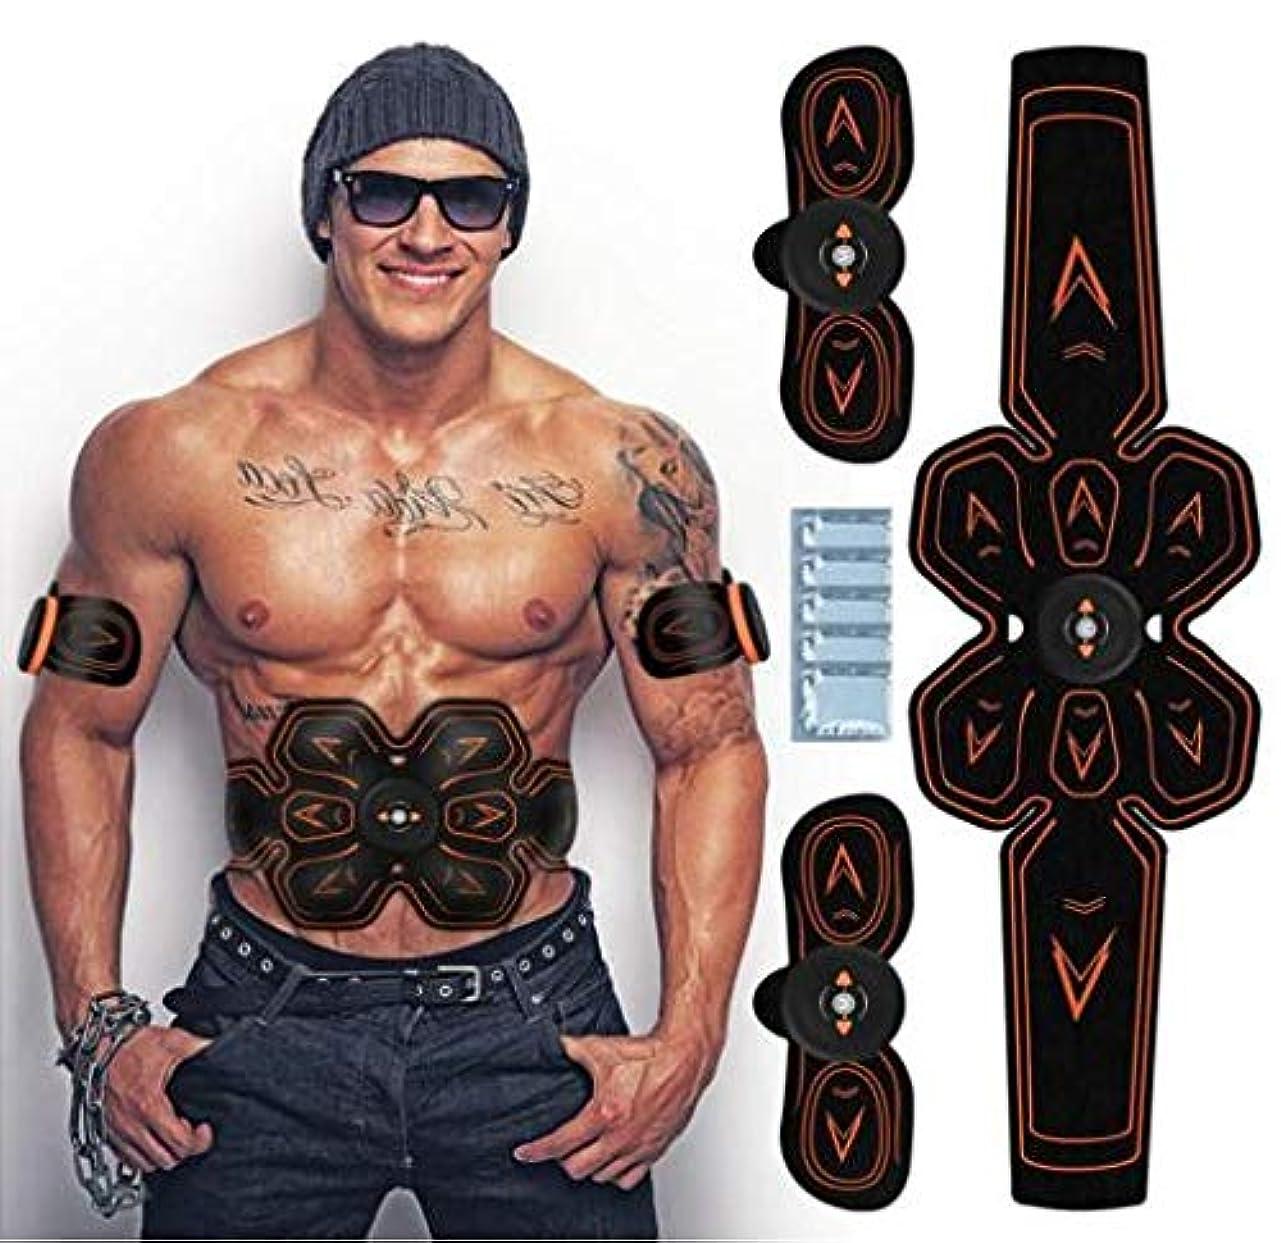 距離ずるい後世腹筋ベルト EMS ウエストベルト 筋トレ ダイエット器具 腹筋トレーニング 腹筋パッド 腕筋 多部位 6モード 10ランク強度 USB充電